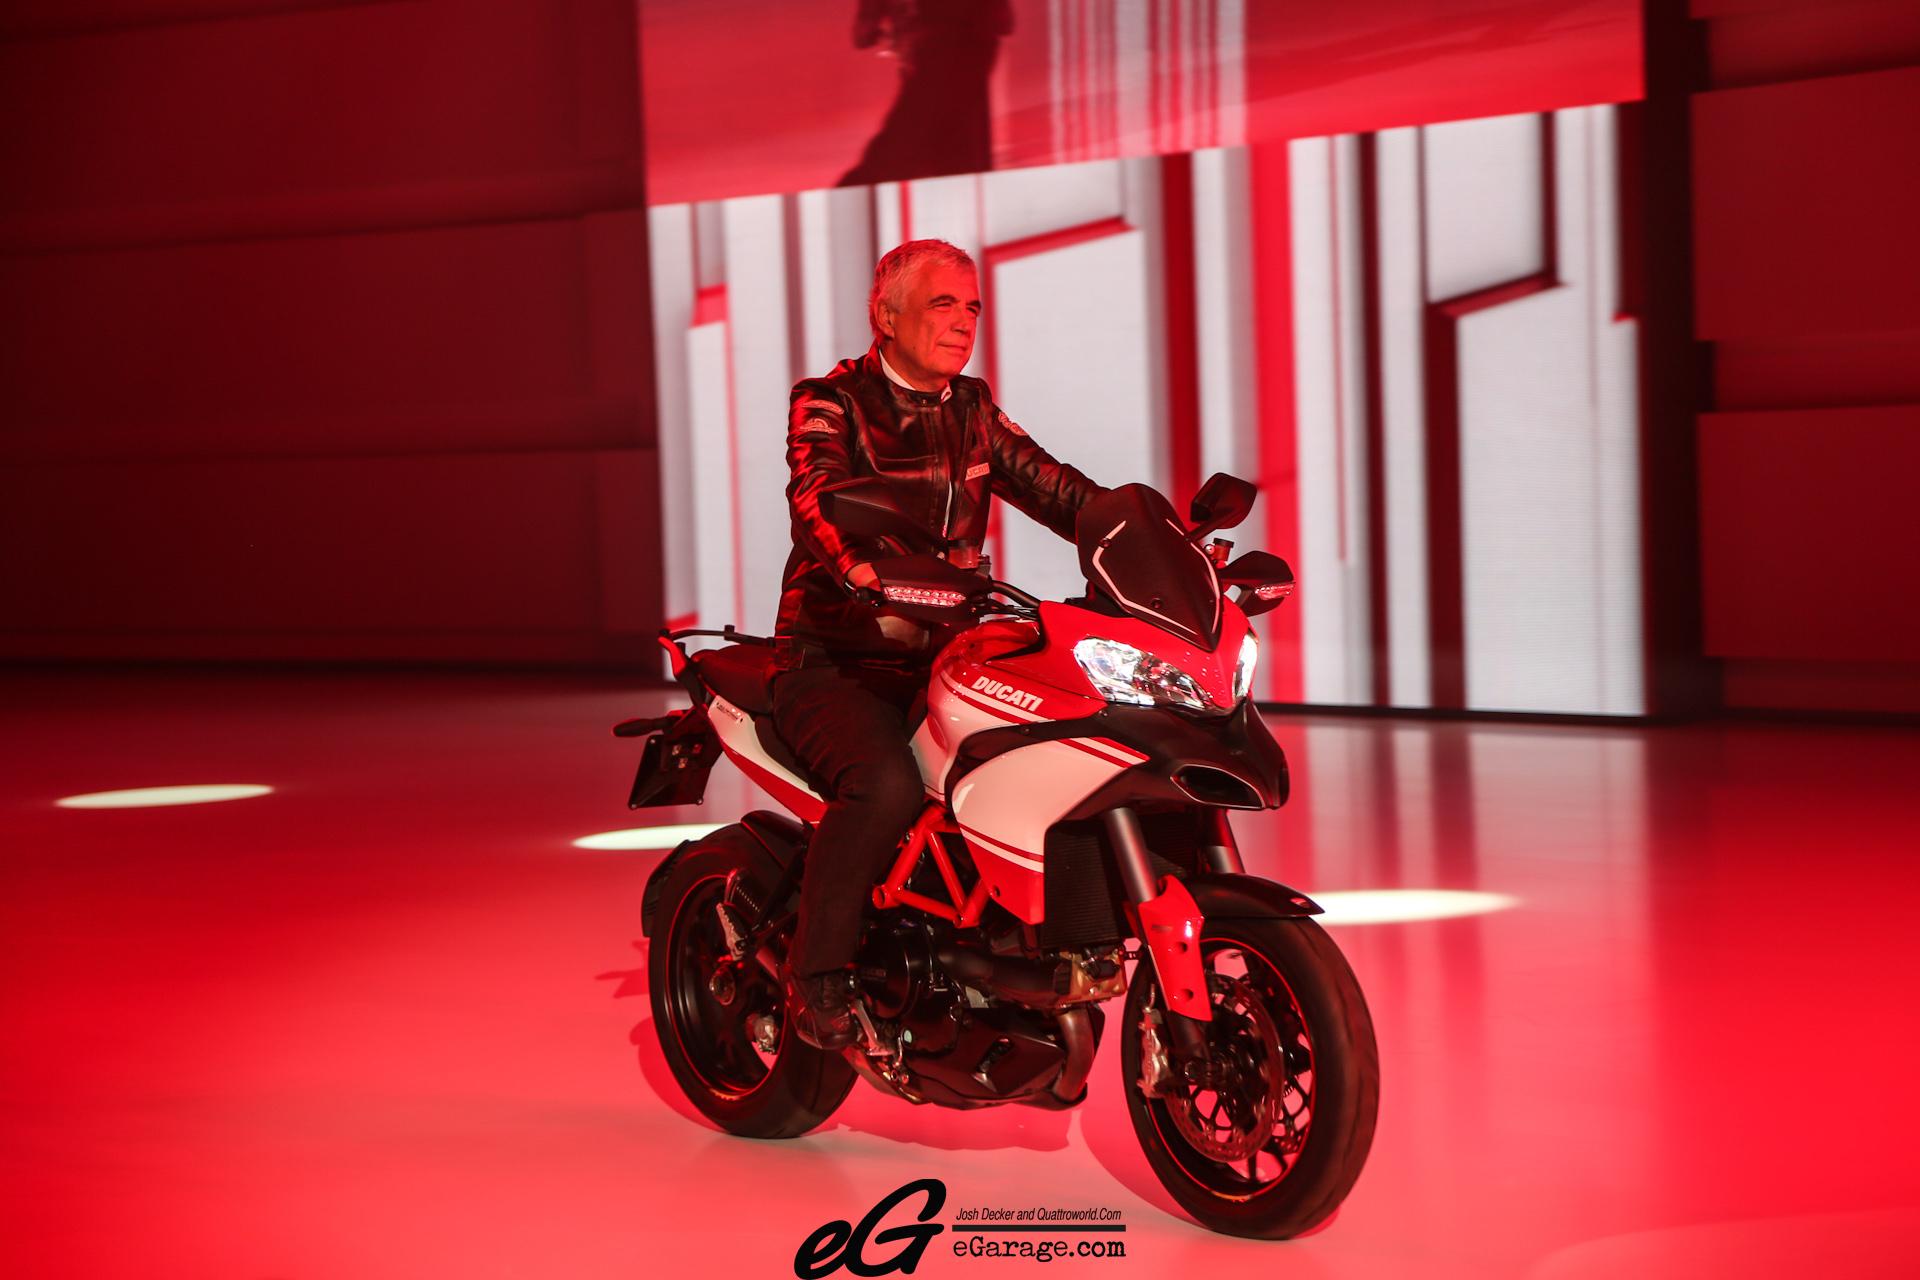 8030386068 9226389e54 o 2012 Paris Motor Show